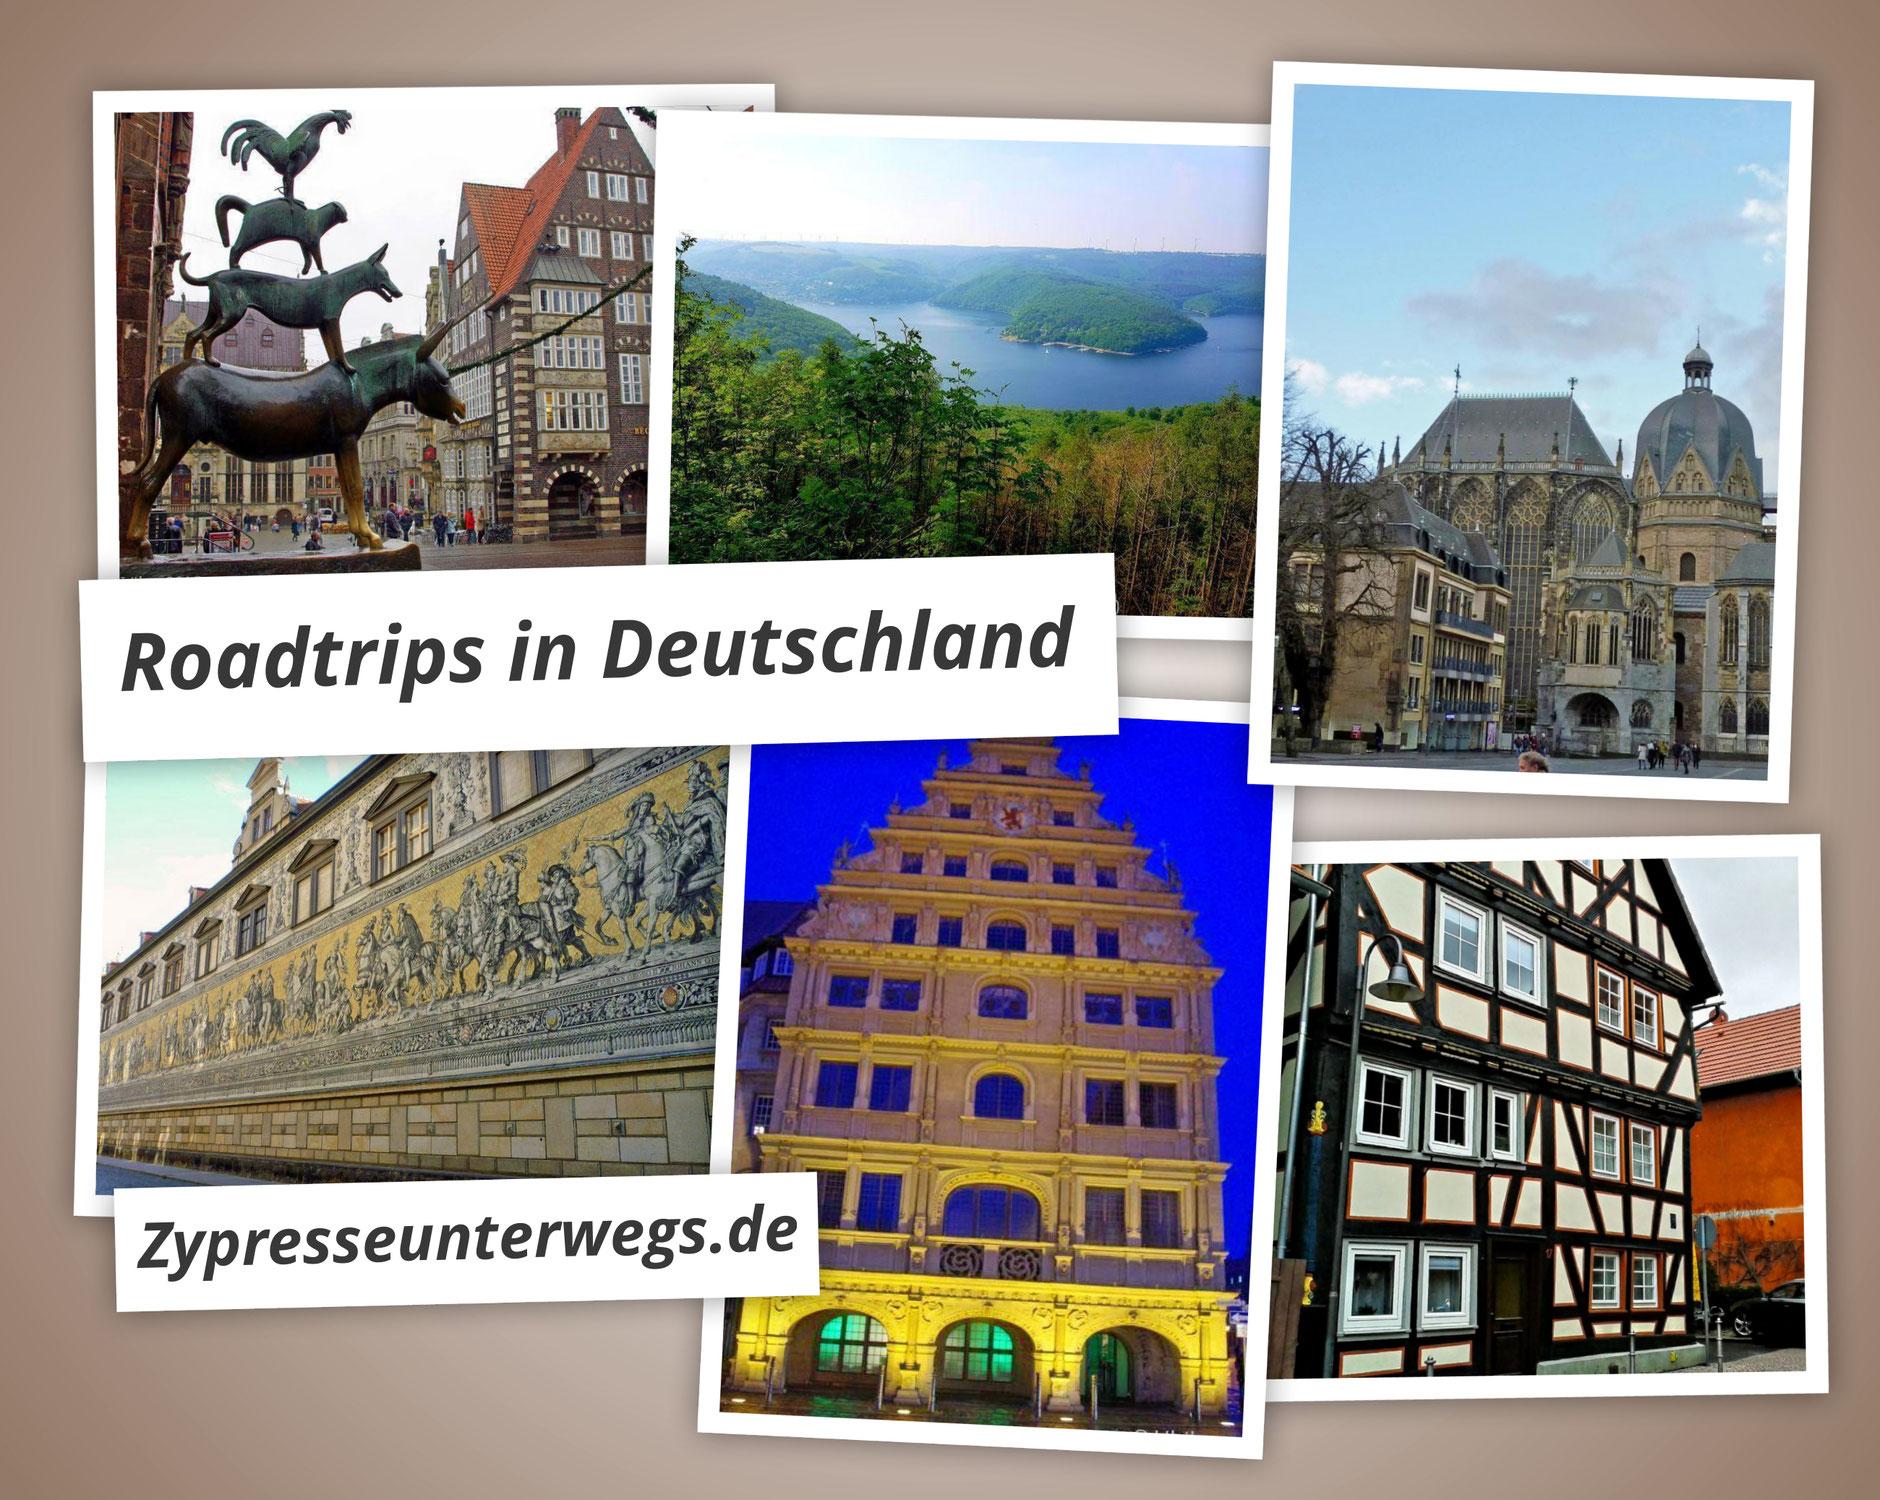 {ROUND UP} 8 Roadtrips in Deutschland